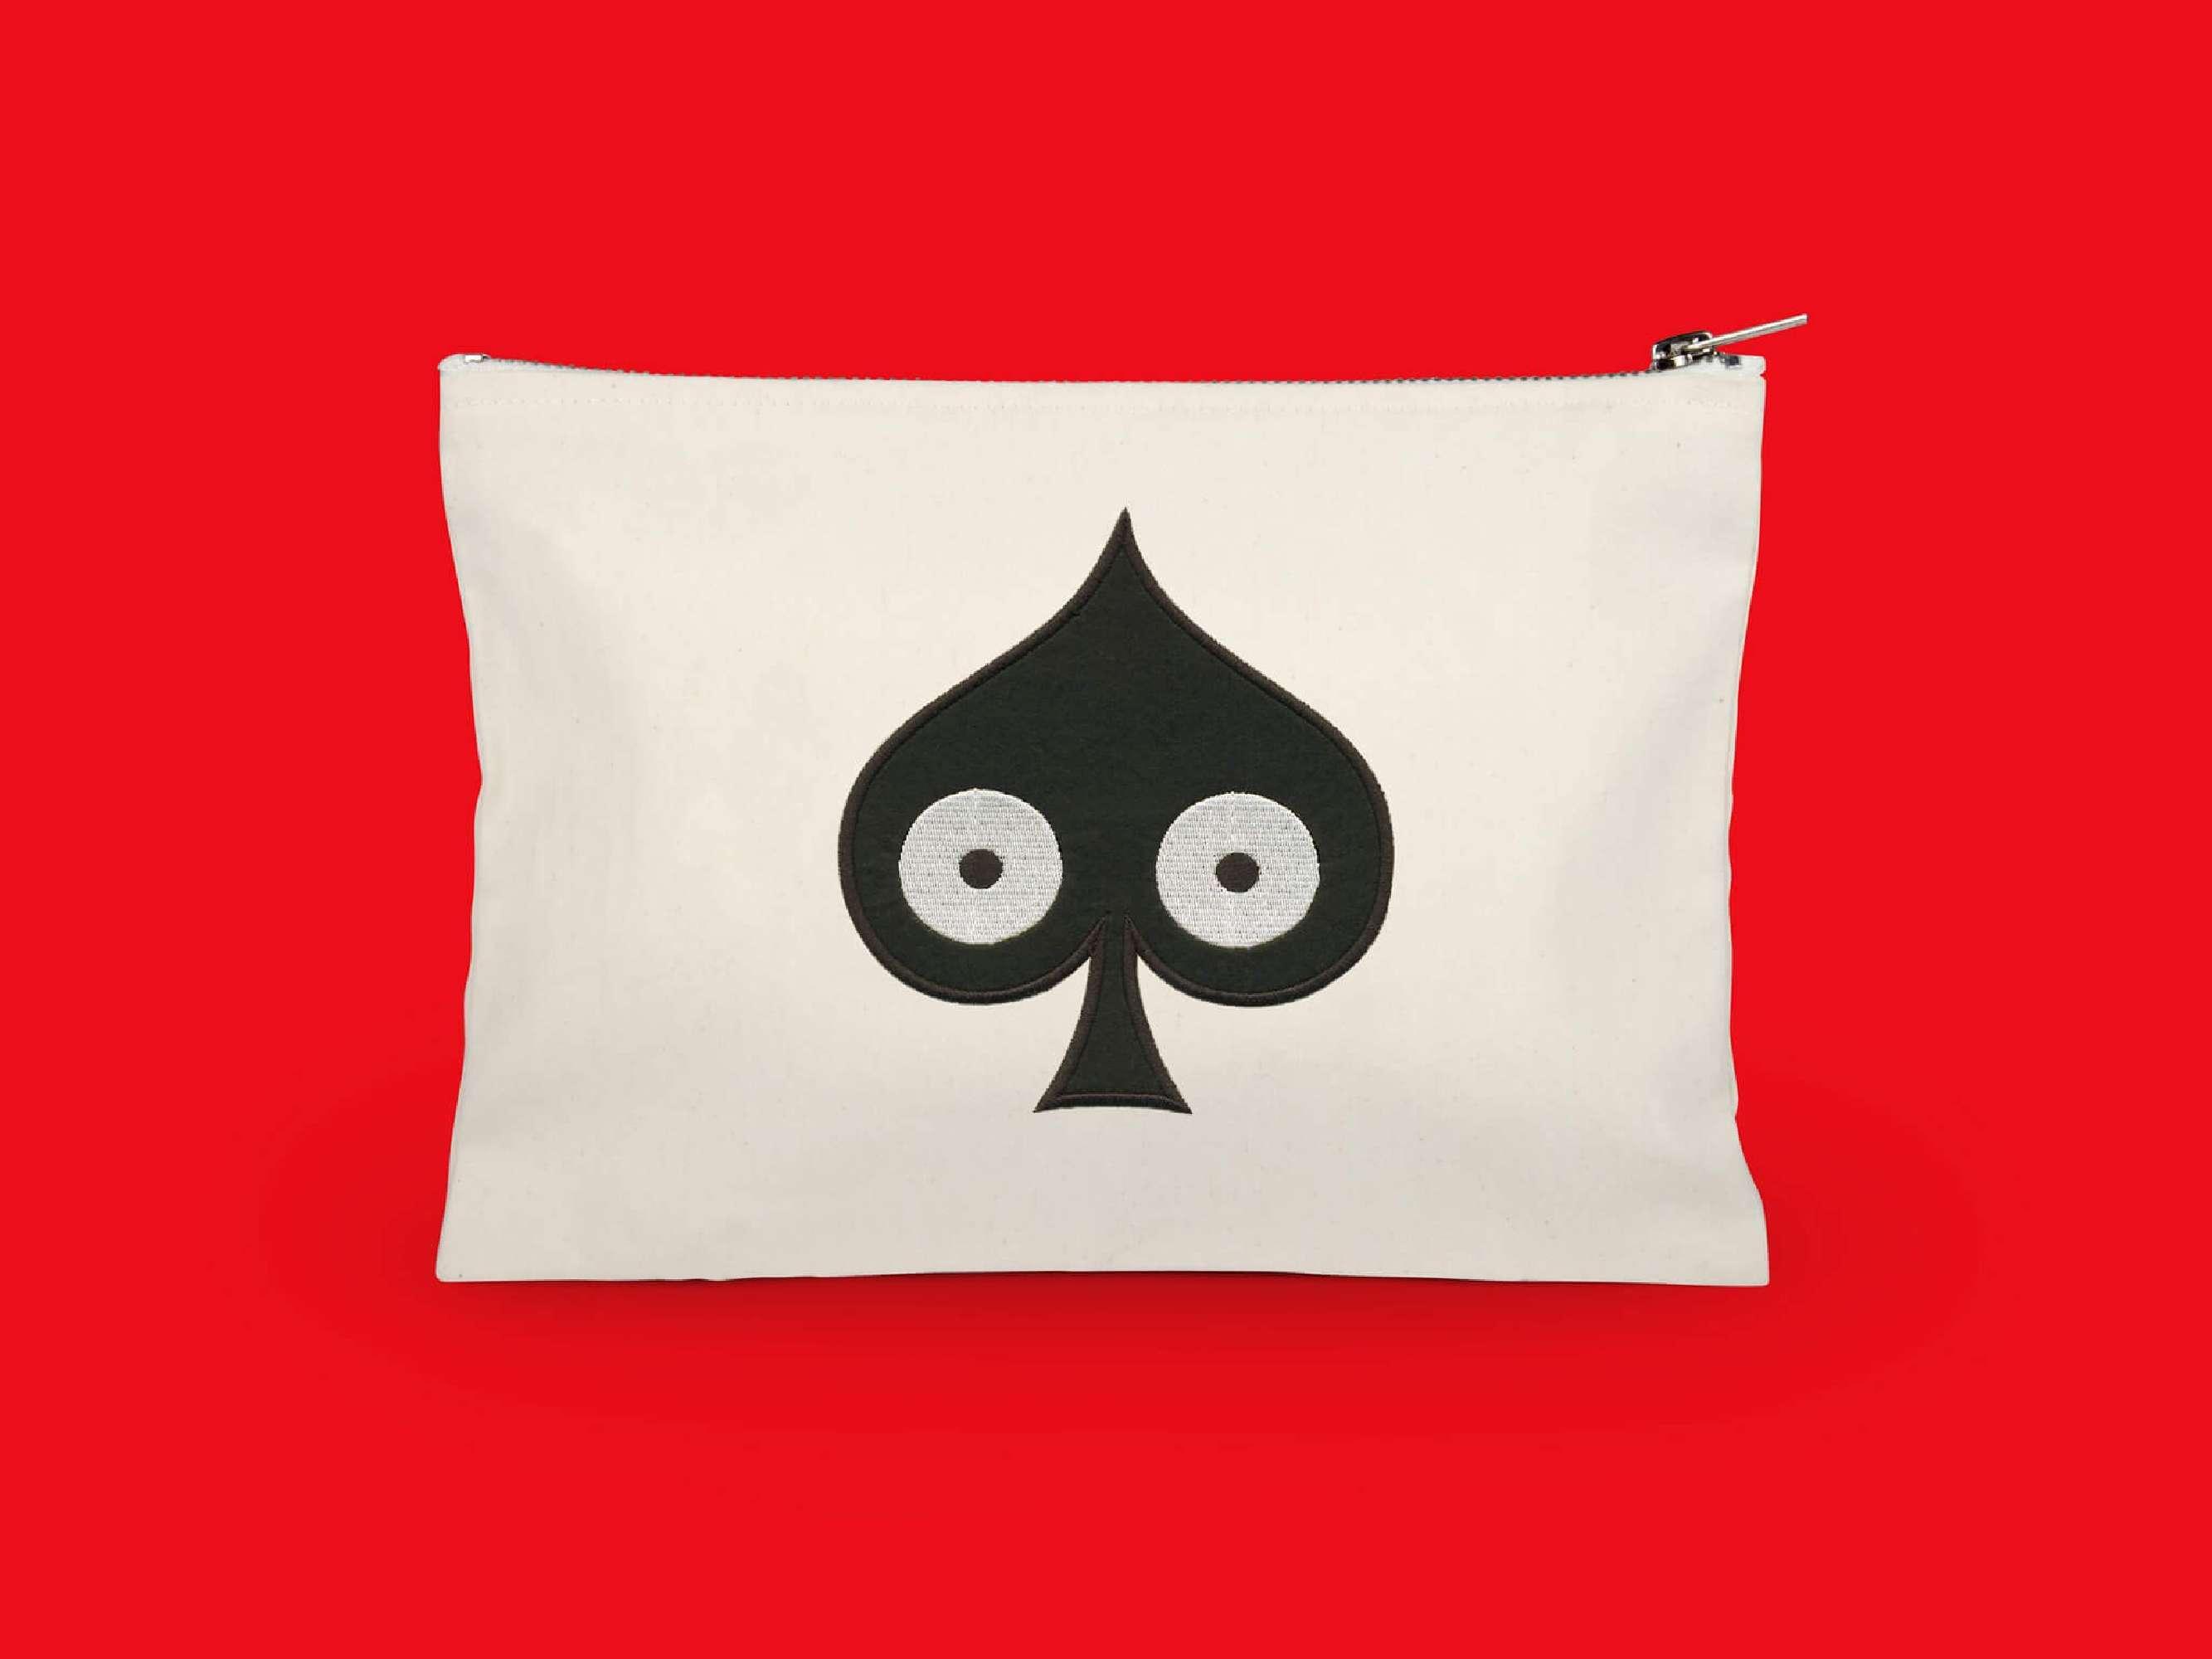 la trousse pique, elle reprend le motif pique pokerface phares du studio Ich&Kar.